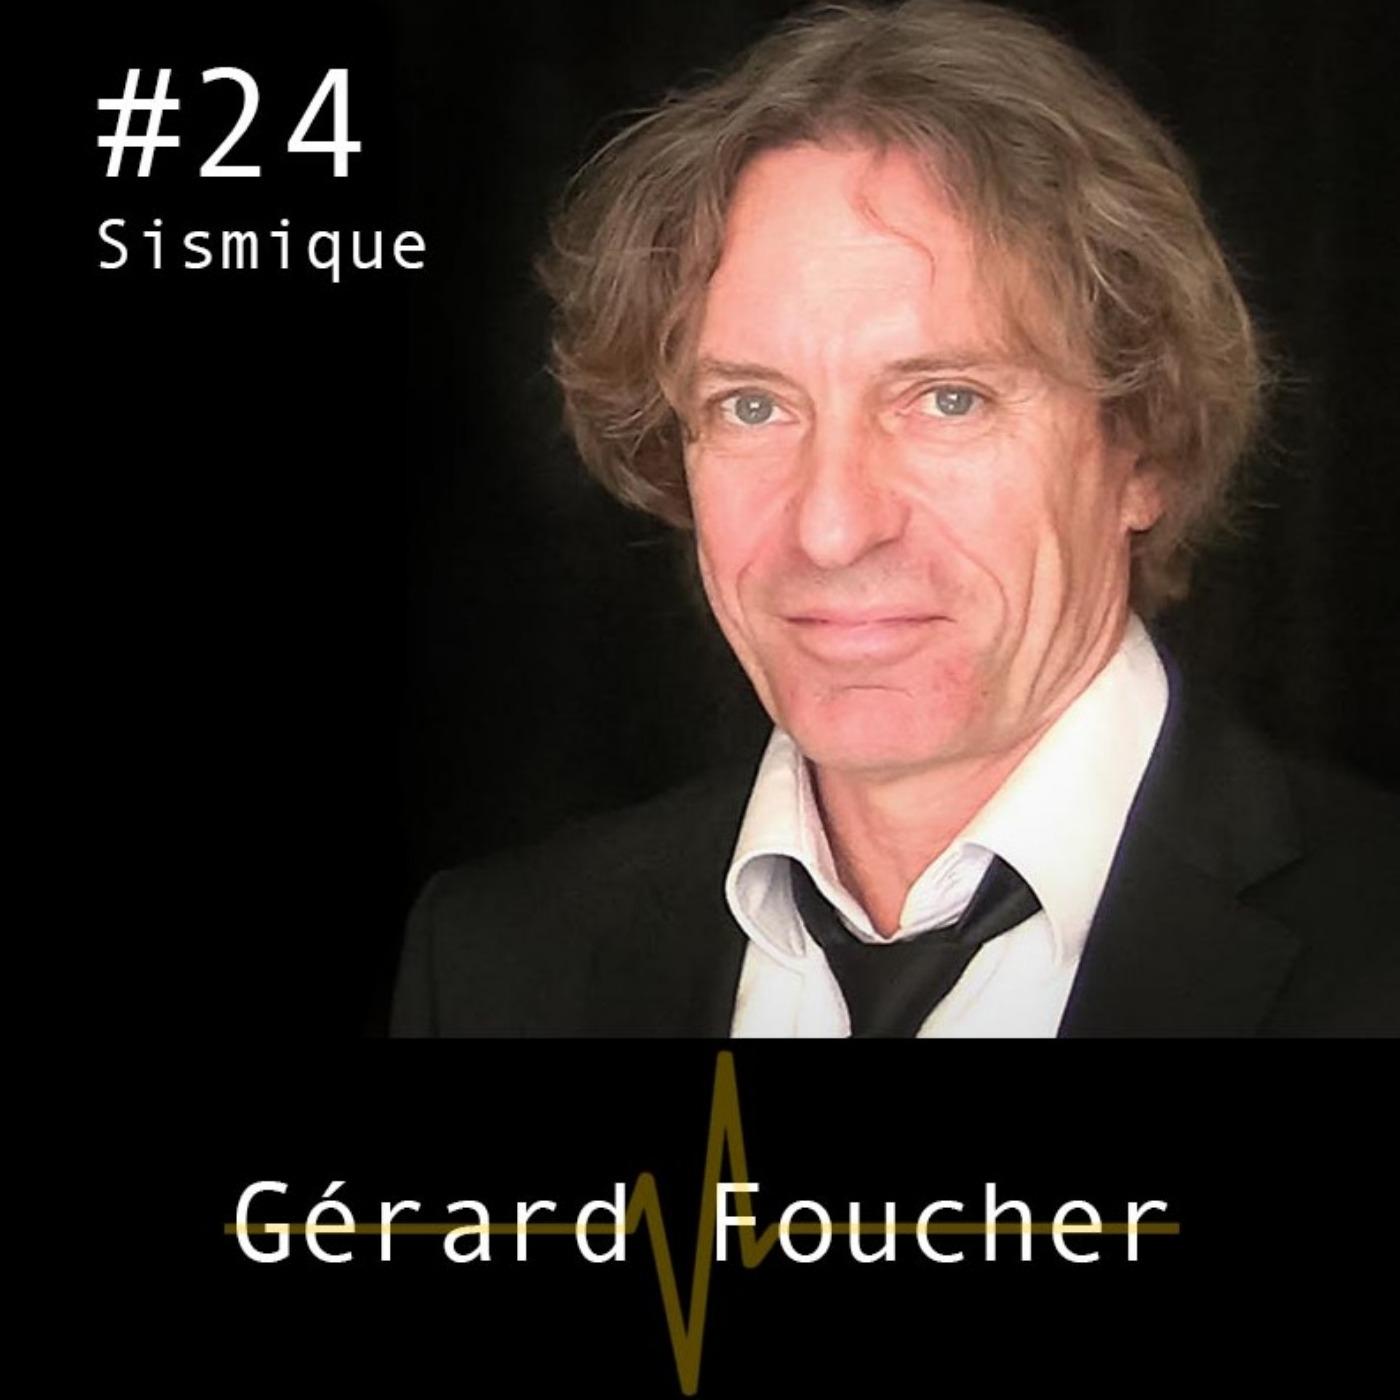 C'est la monnaie qui dirige le monde - Gérard Foucher